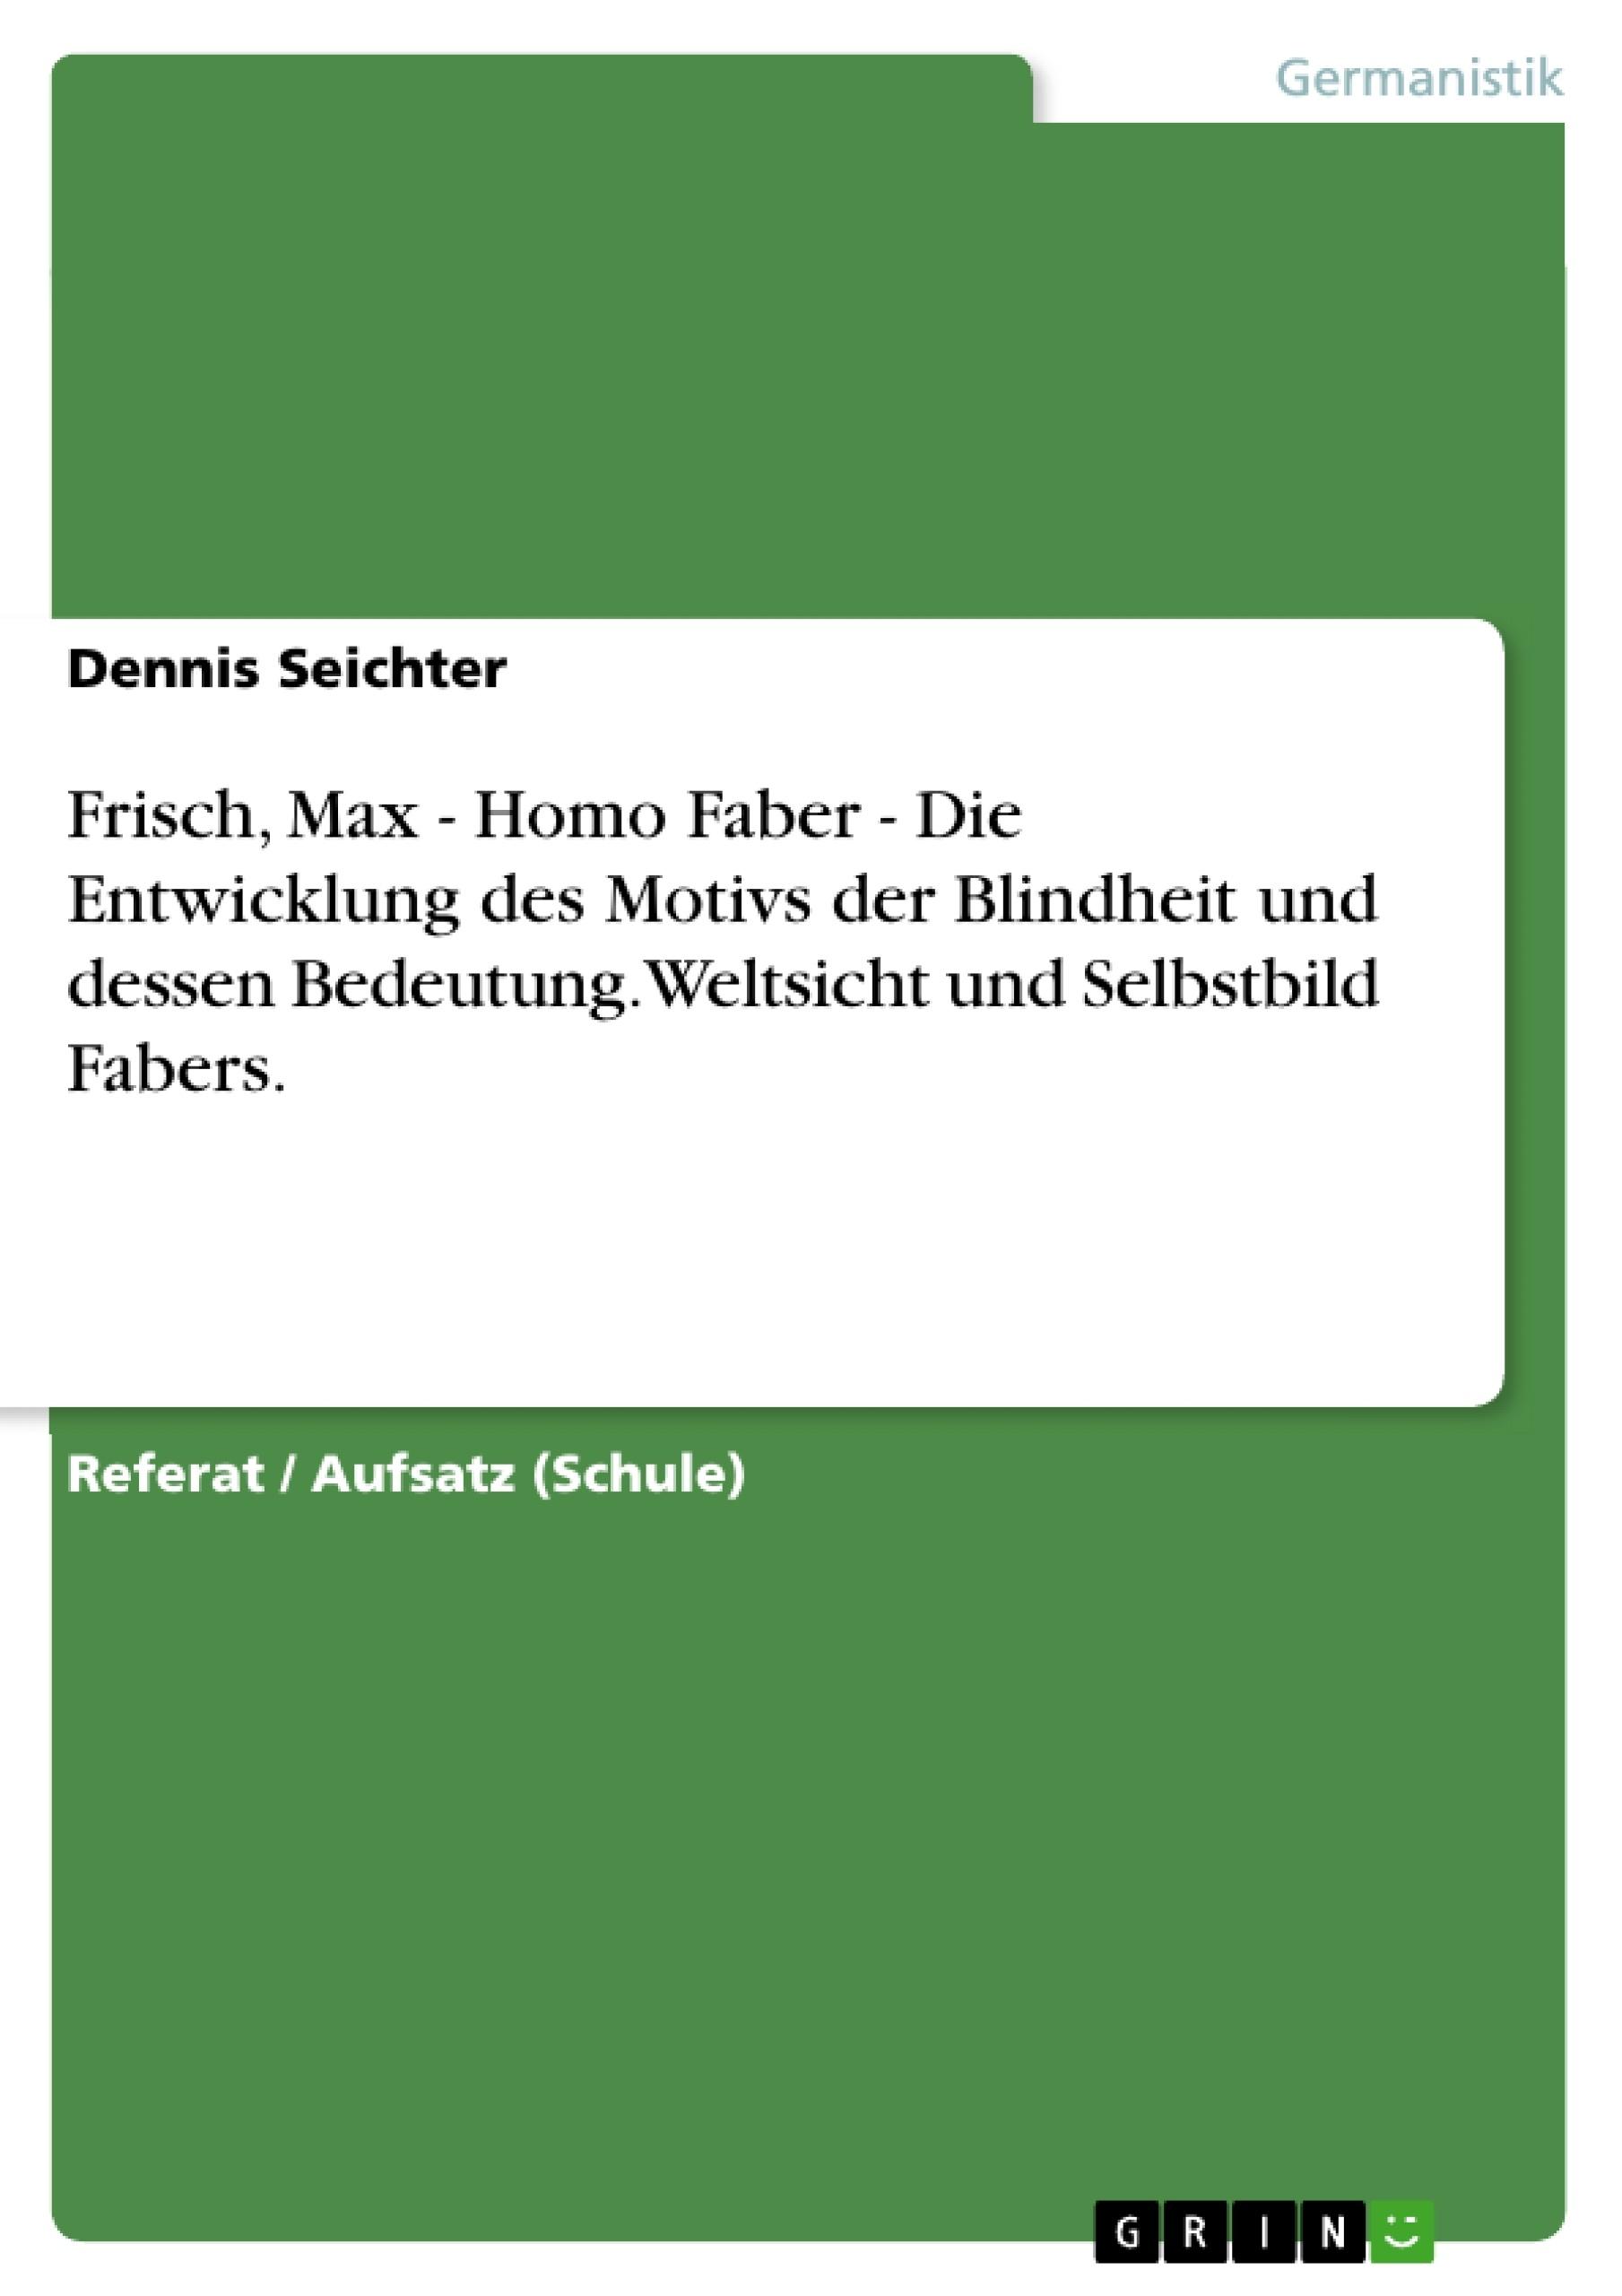 Titel: Frisch, Max - Homo Faber - Die Entwicklung des Motivs der Blindheit und dessen Bedeutung. Weltsicht und Selbstbild Fabers.